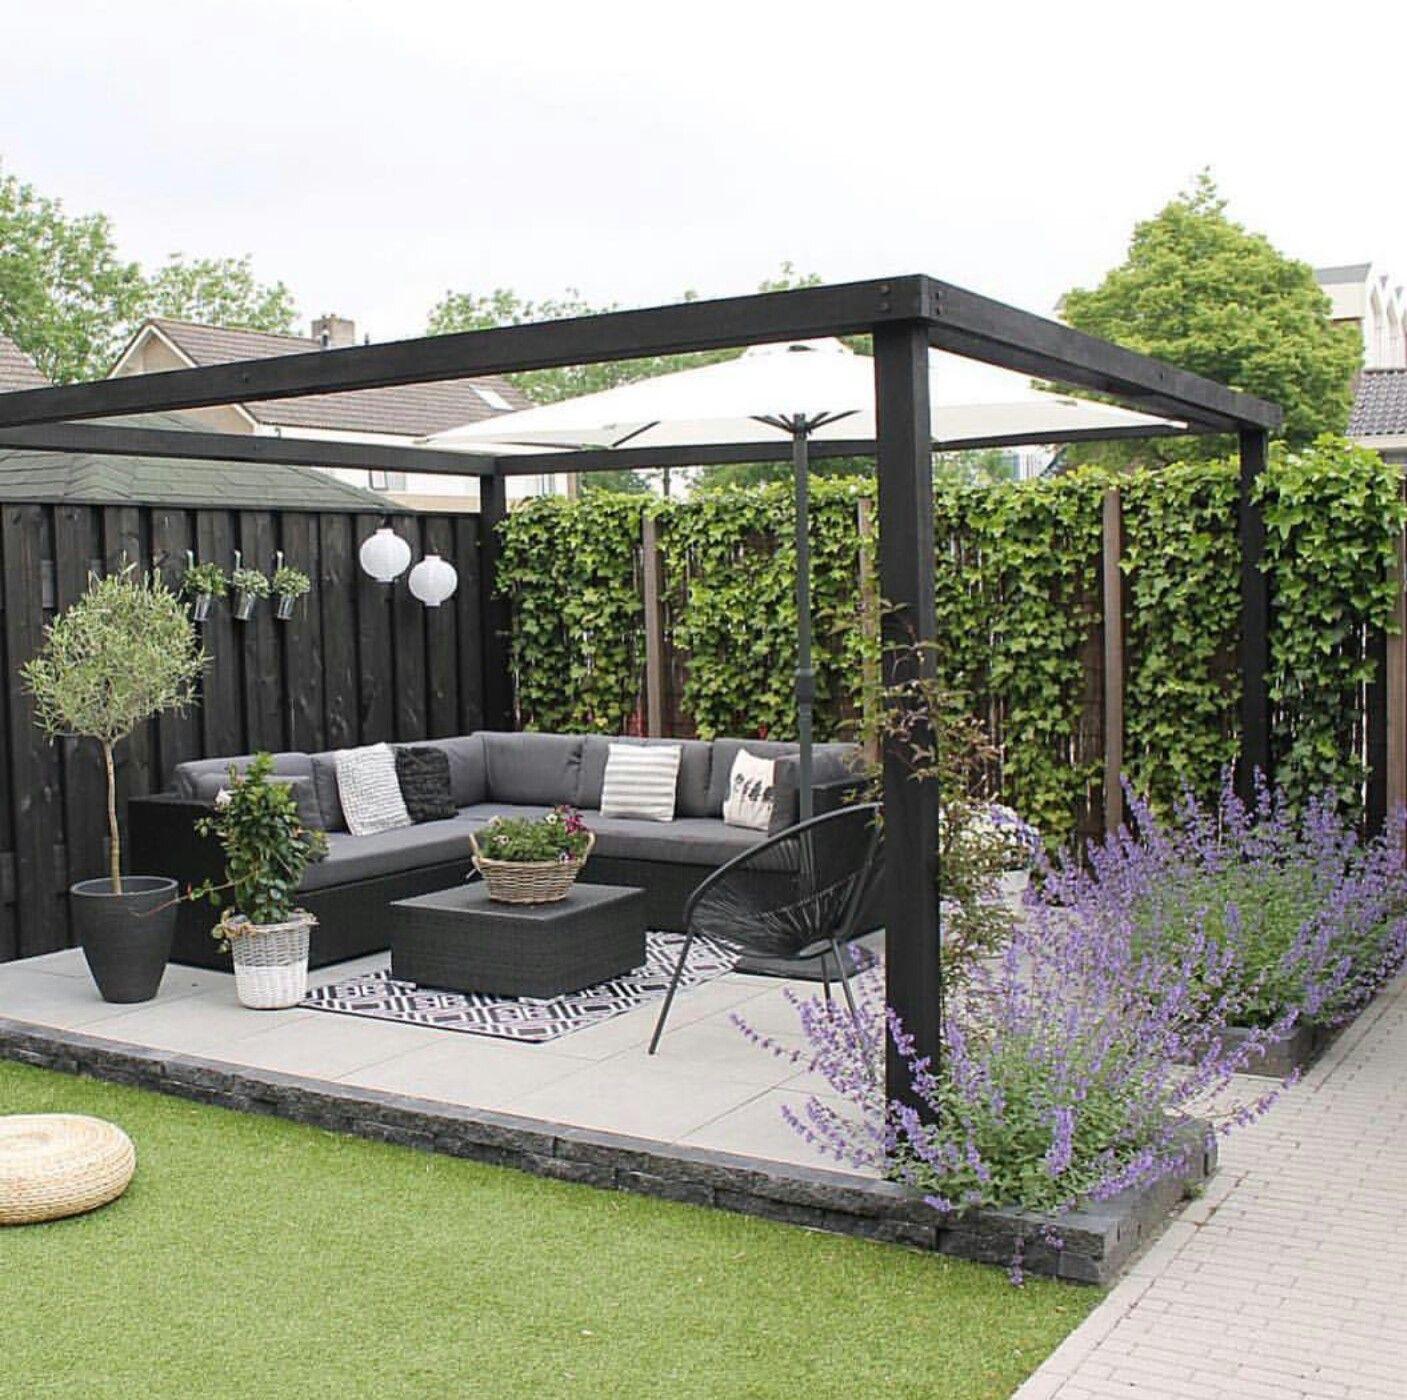 one day   garden ideas   garden seating, backyard